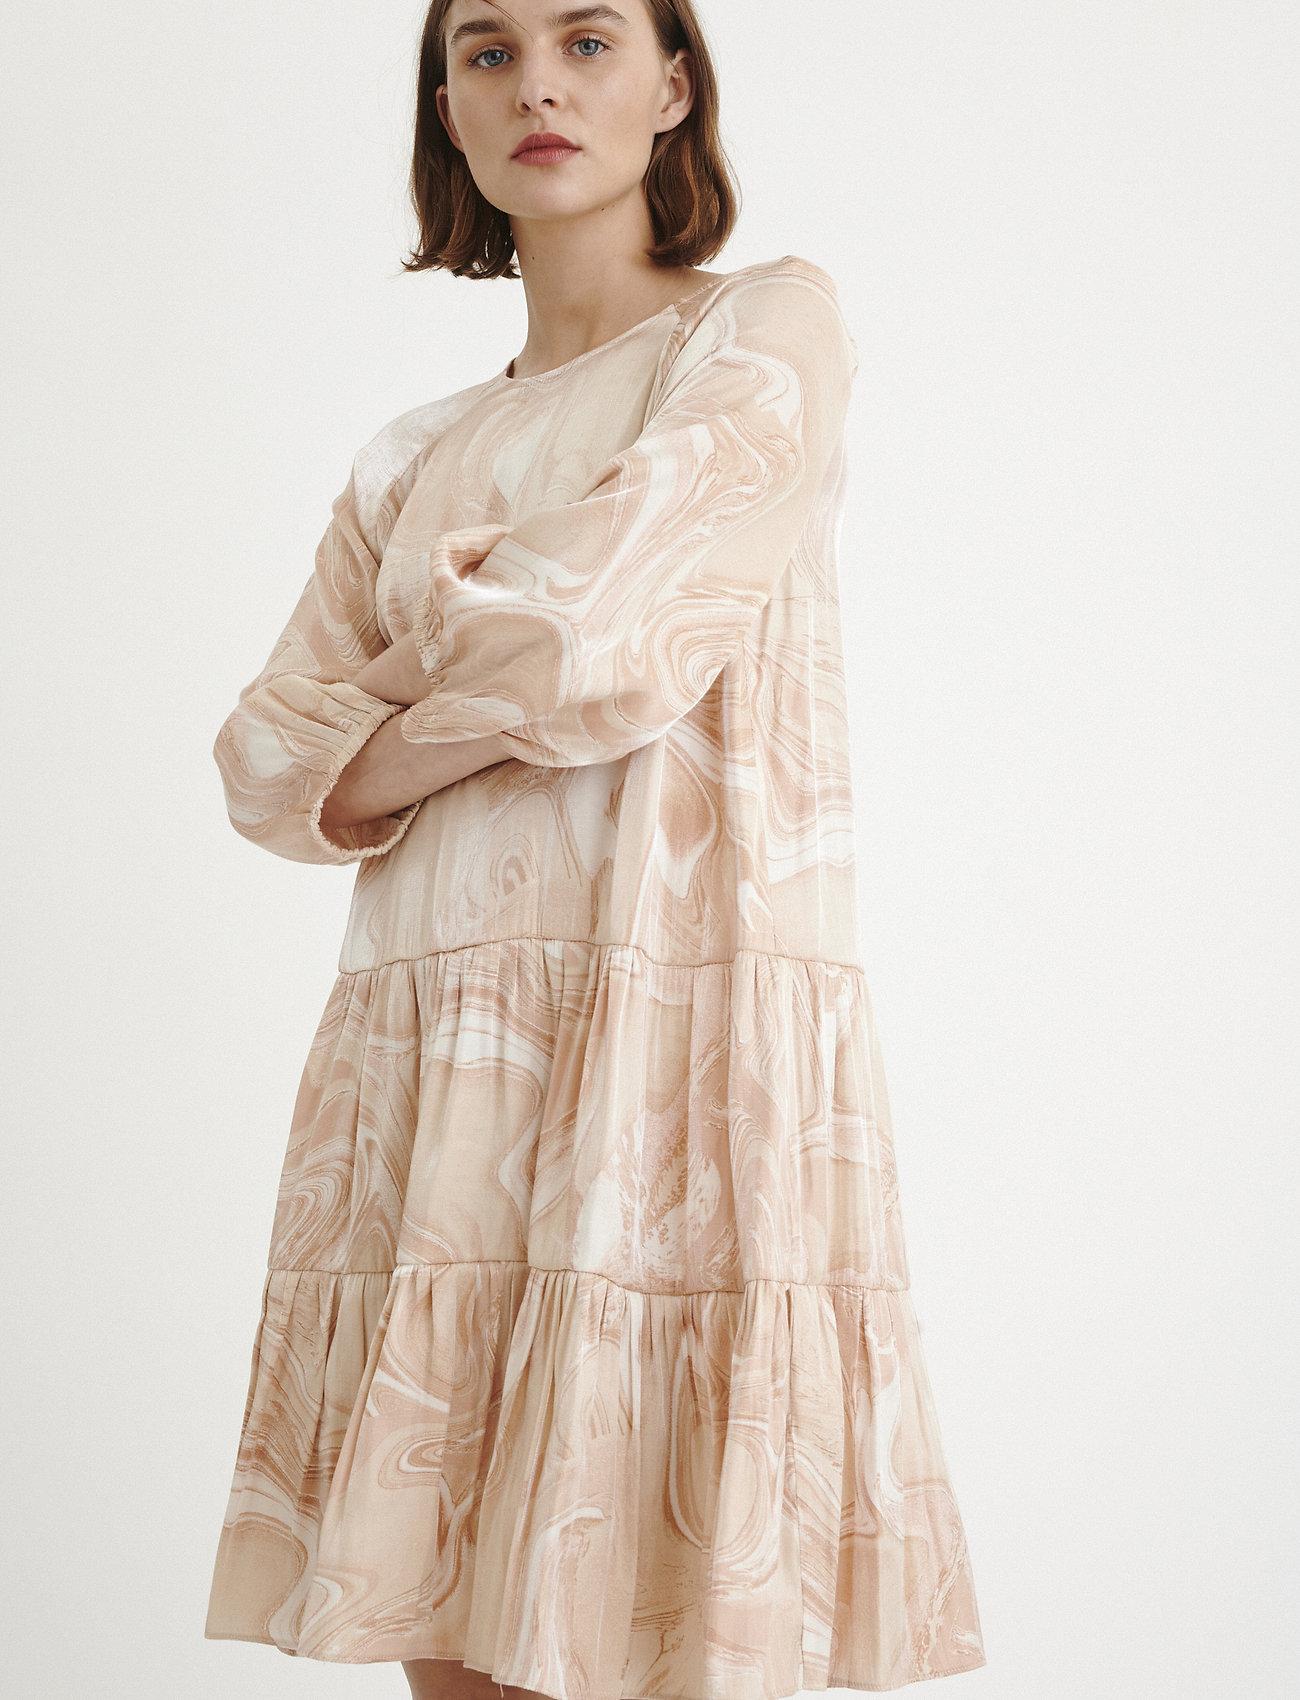 InWear CherieIW Dress - Kjoler SWIRLY - Dameklær Spesialtilbud